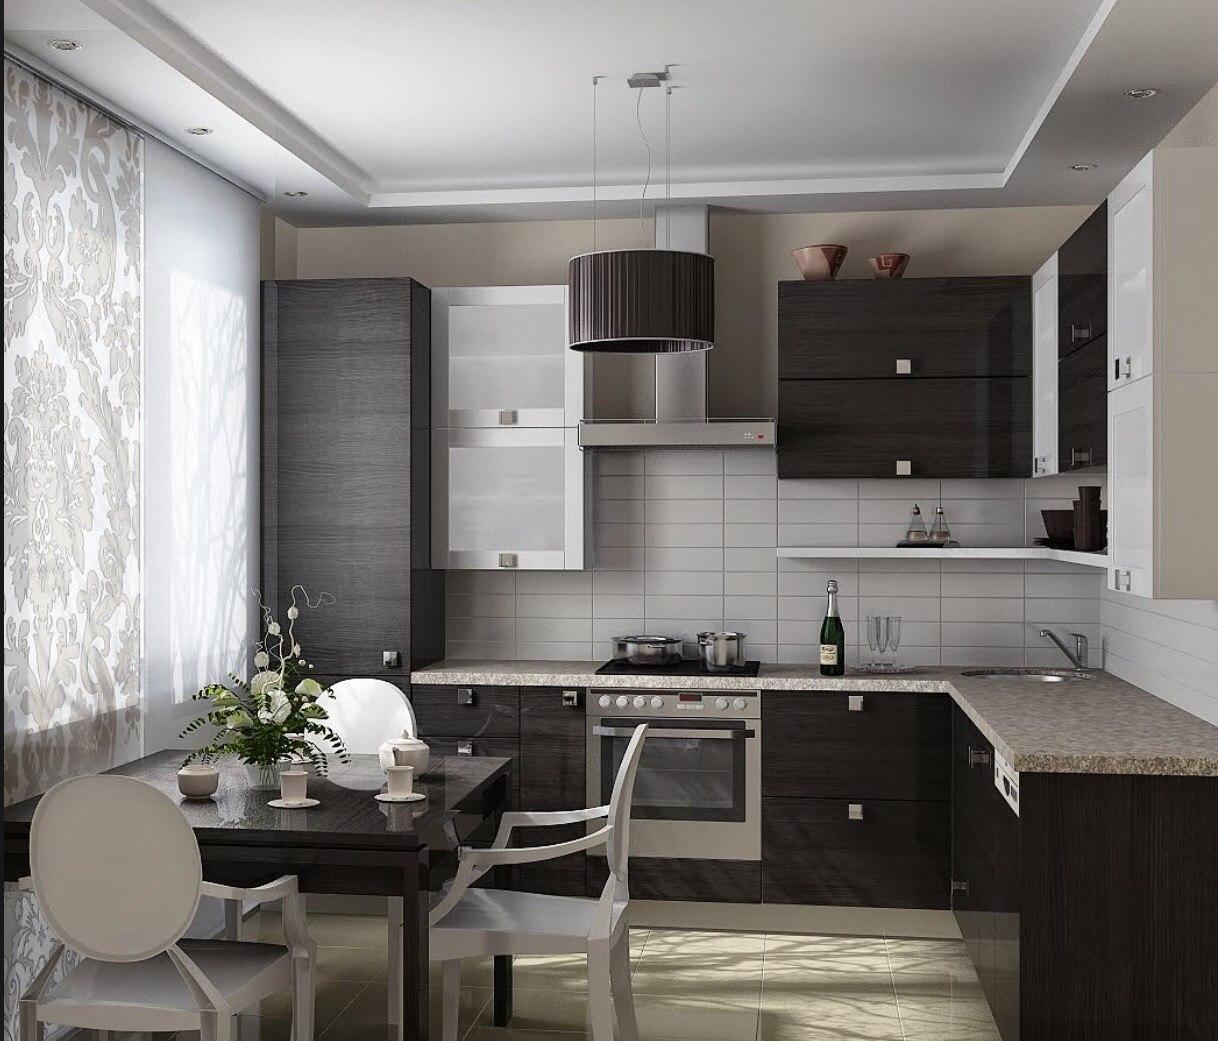 Дизайн кухни 9м2 современные идеи